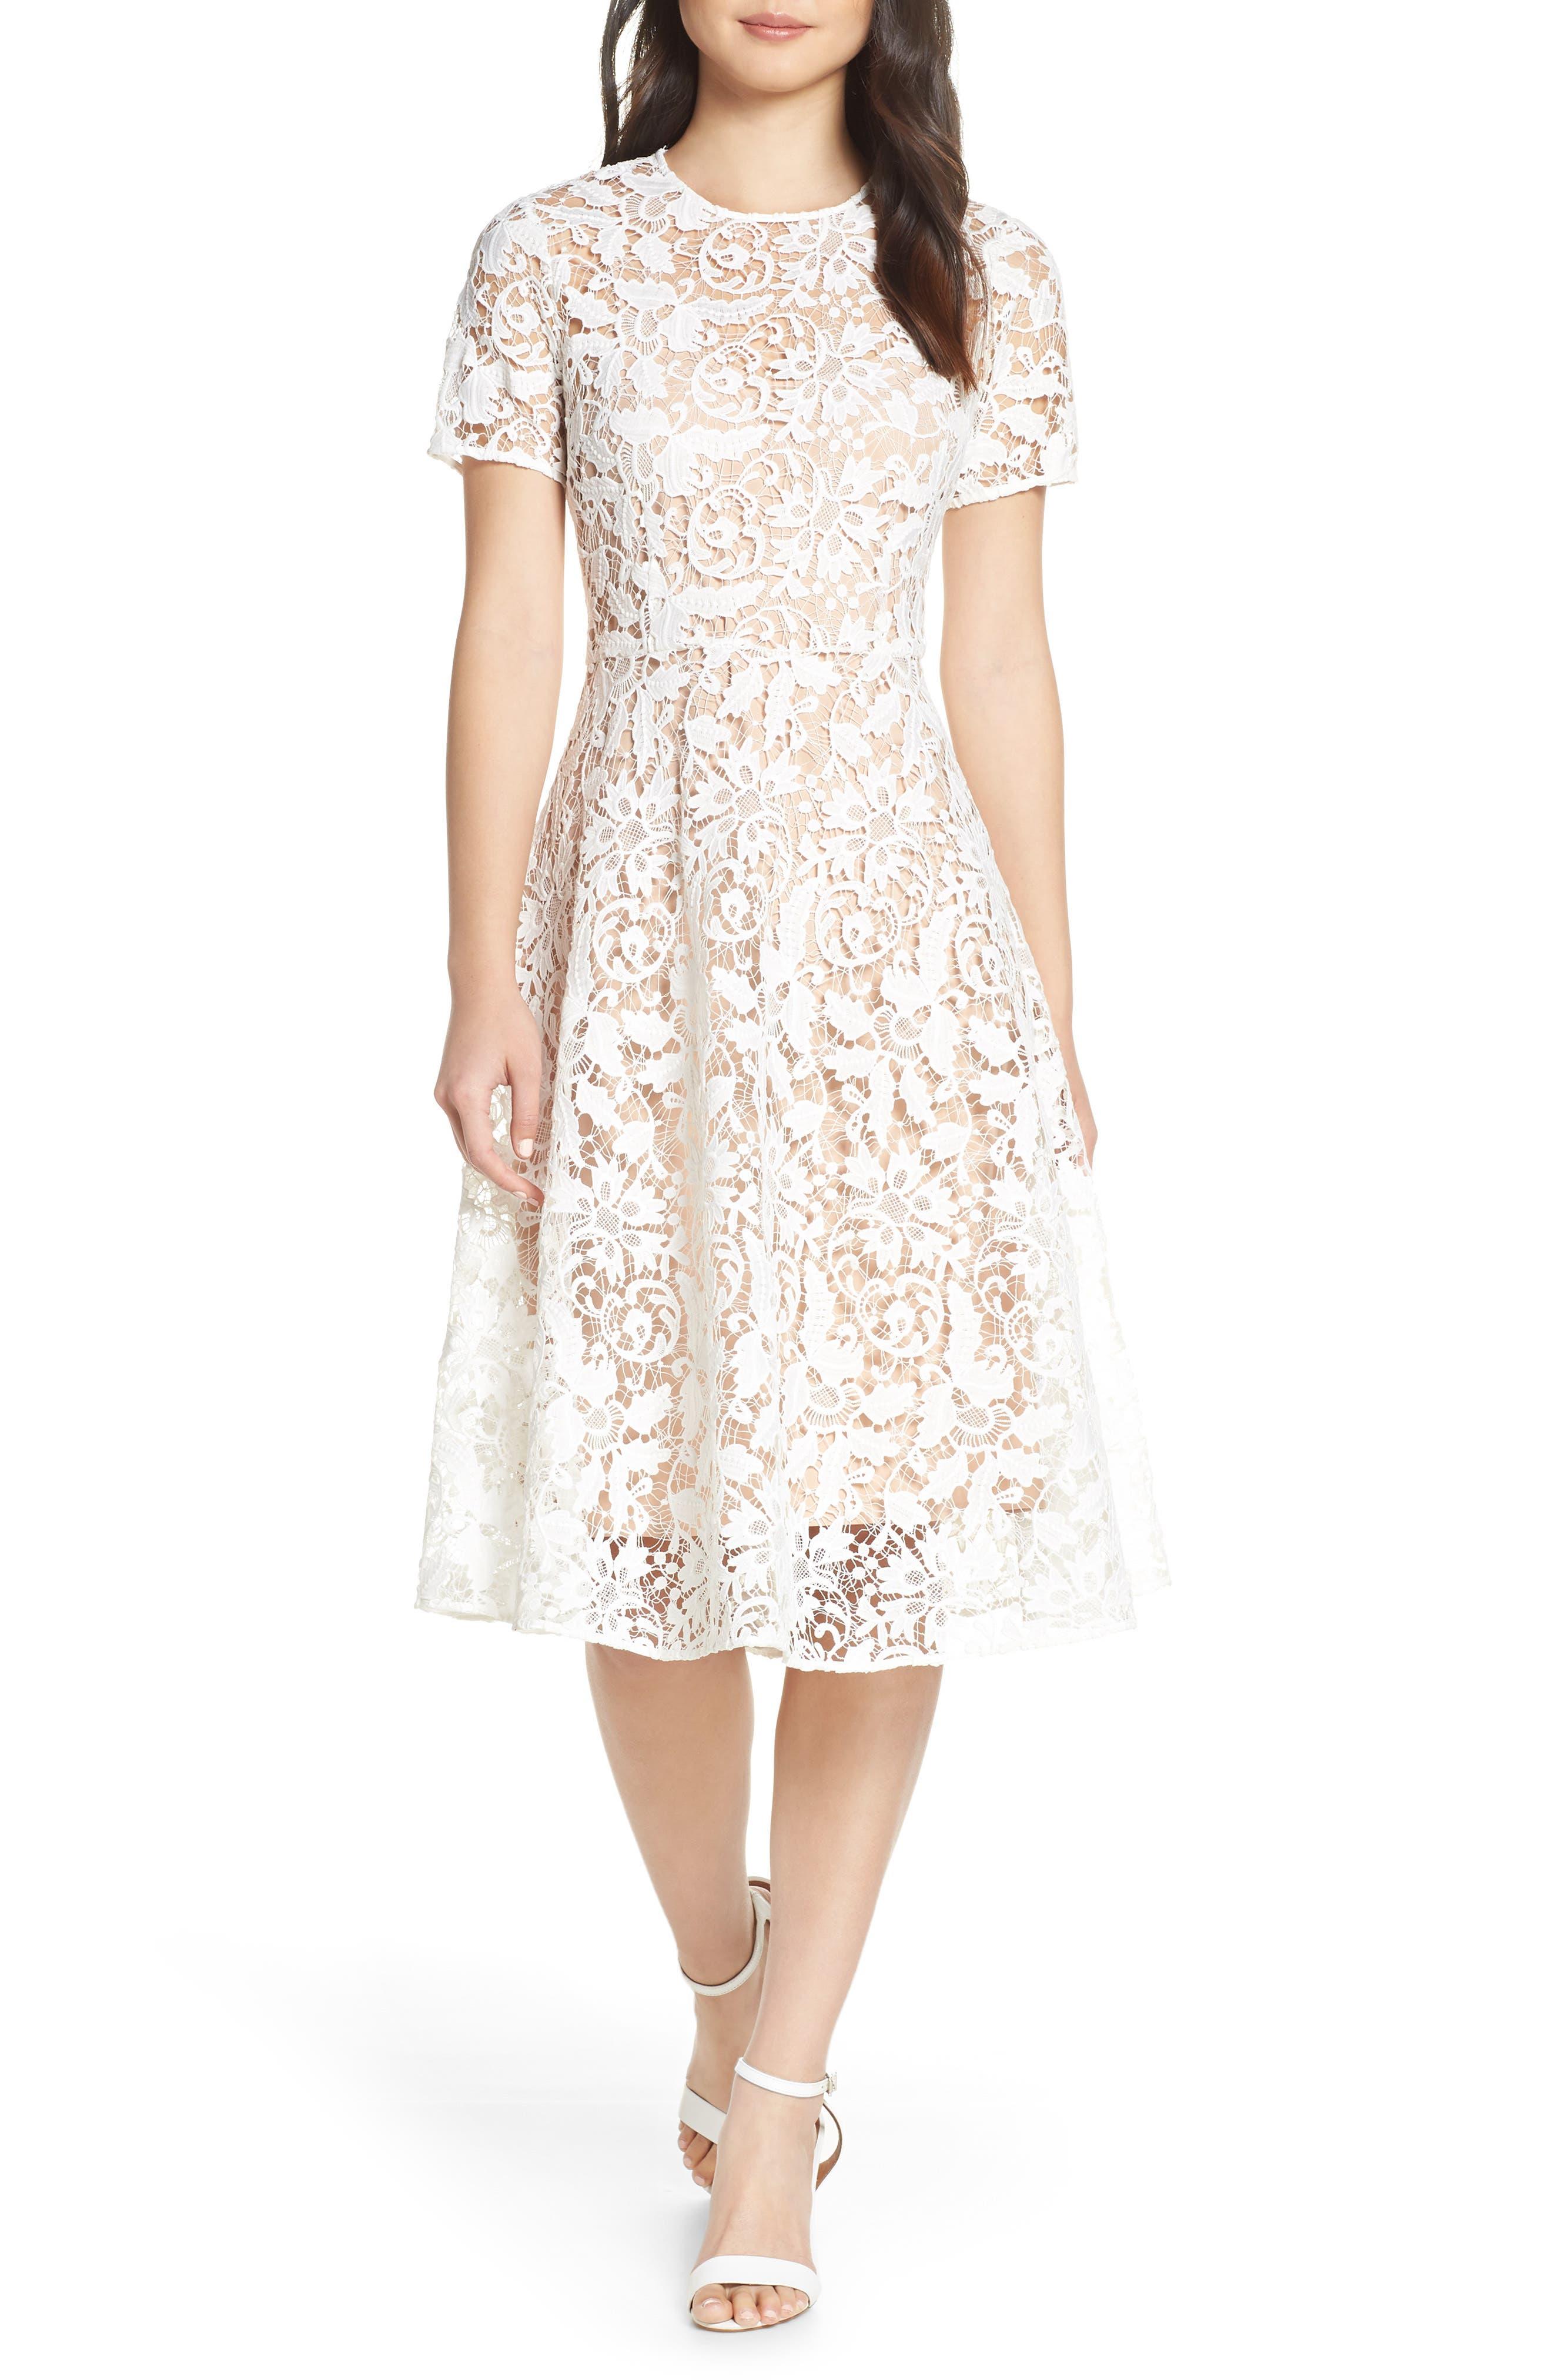 Cheap Lace White Dress